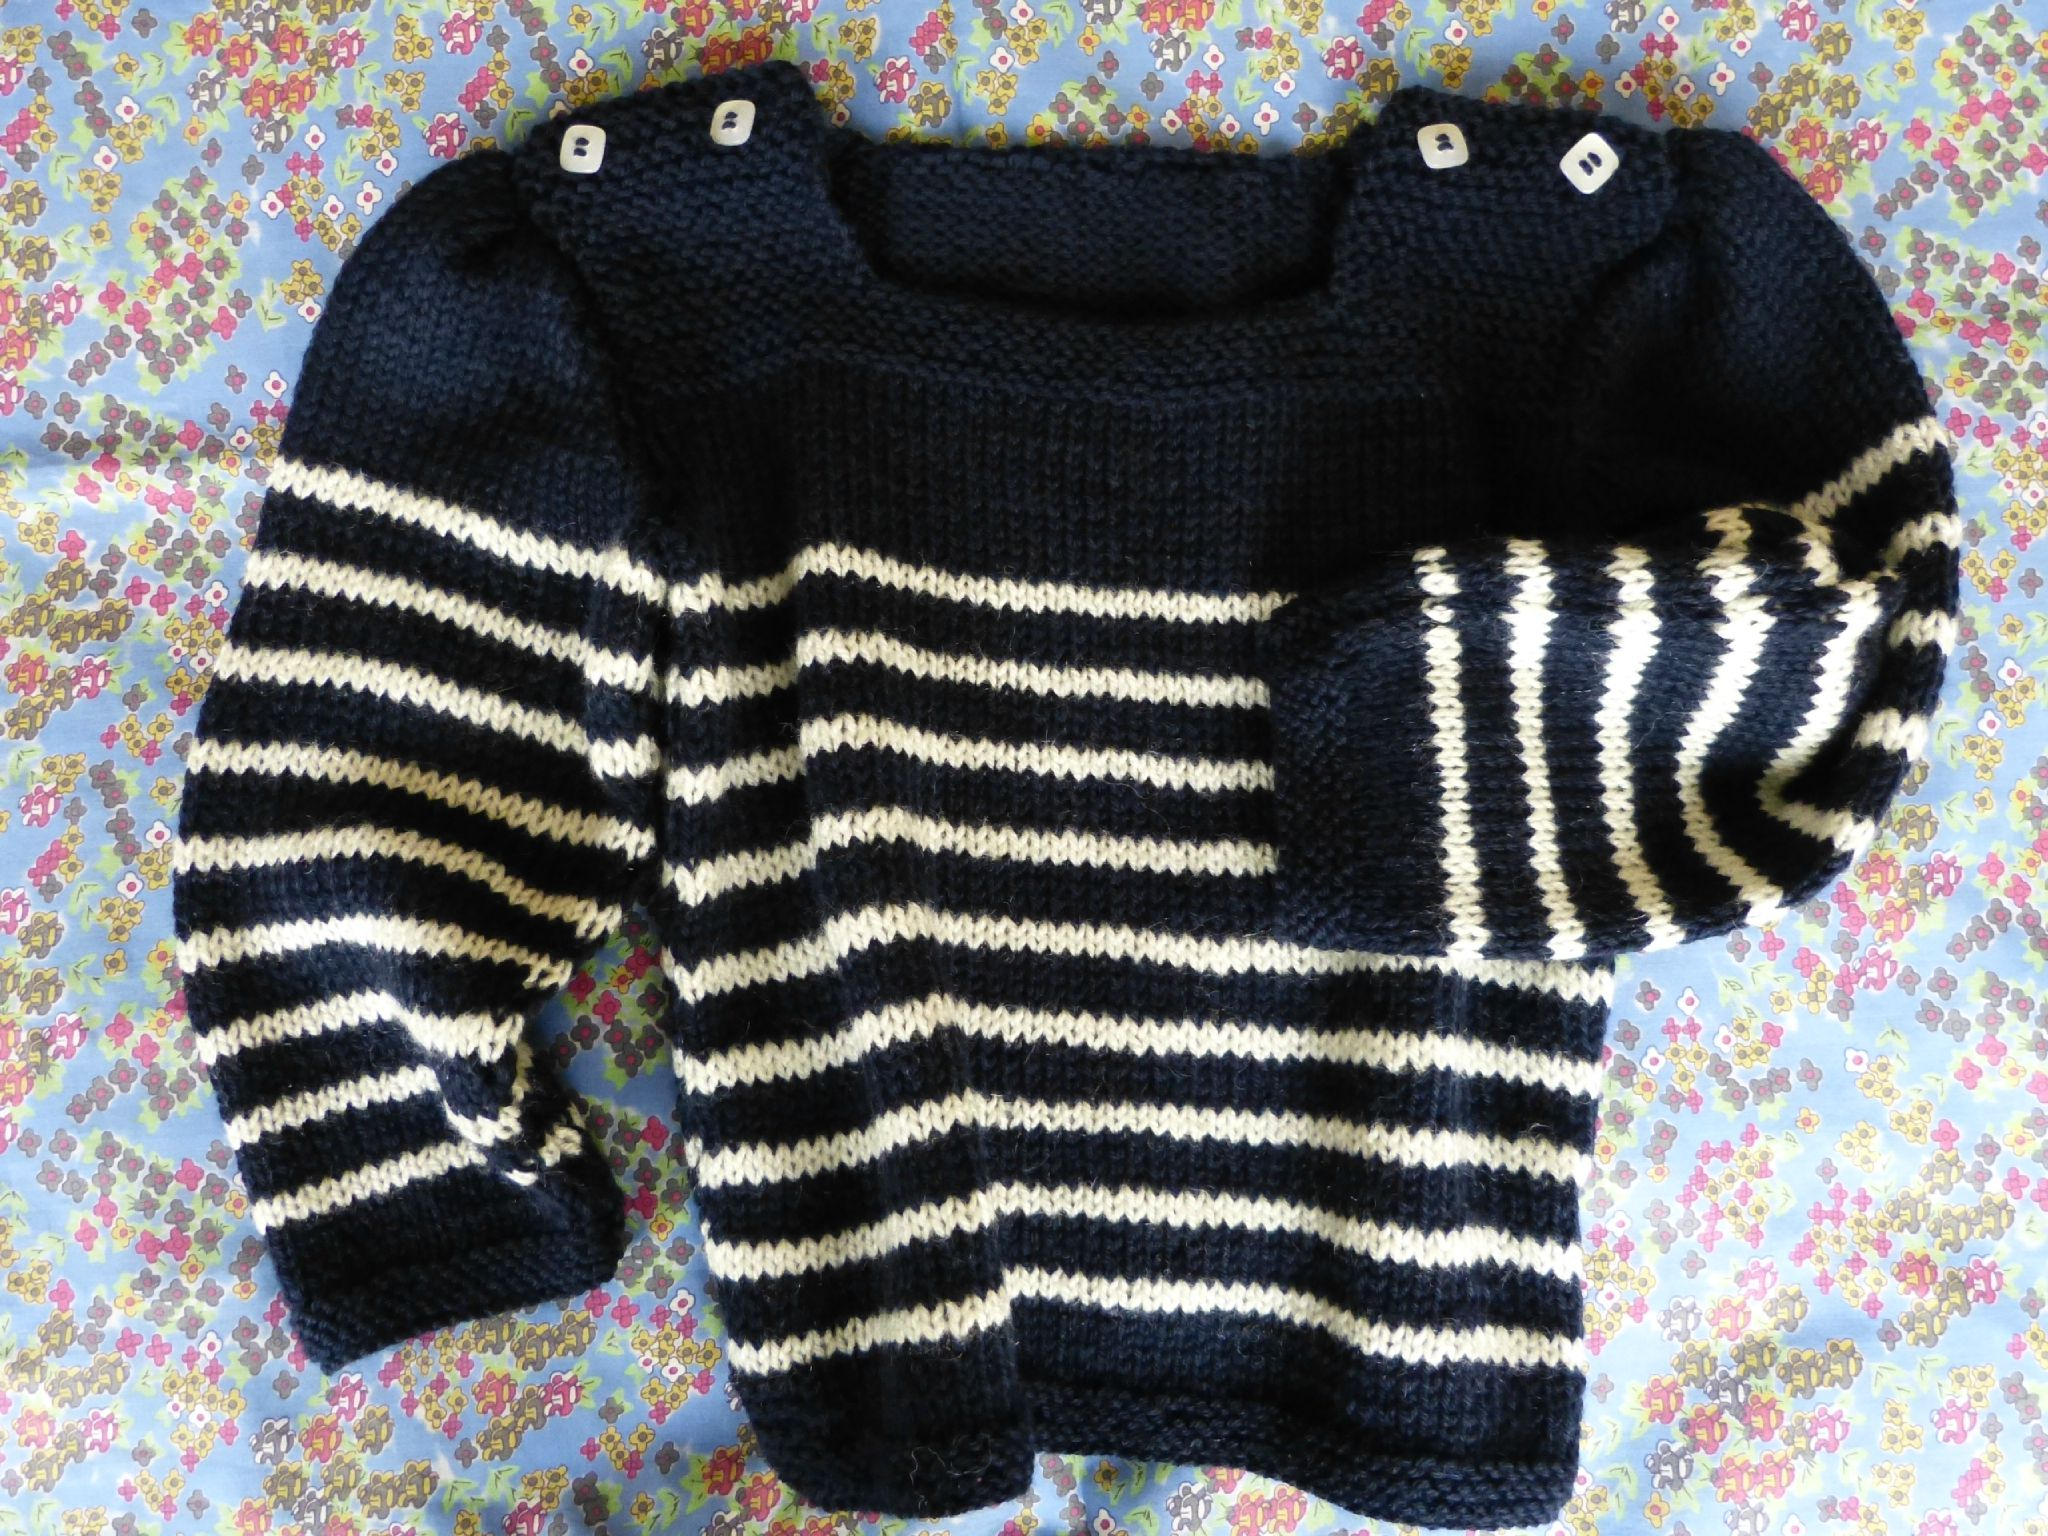 Modele de pull à tricoter gratuit pour fille - Idées de tricot gratuit 955adb87799